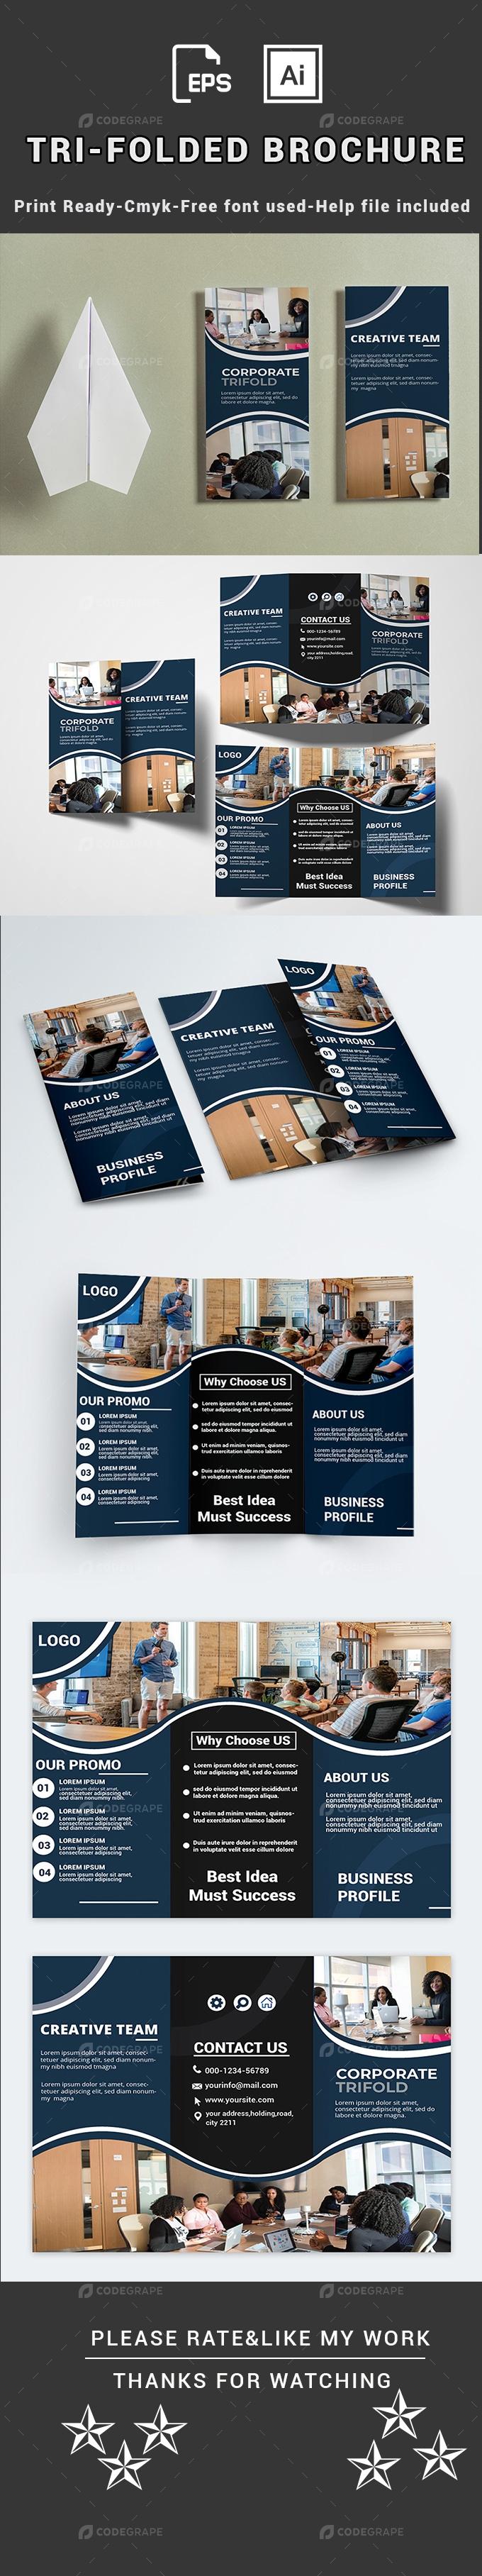 Corporate Tri-Folded  Brochure Template